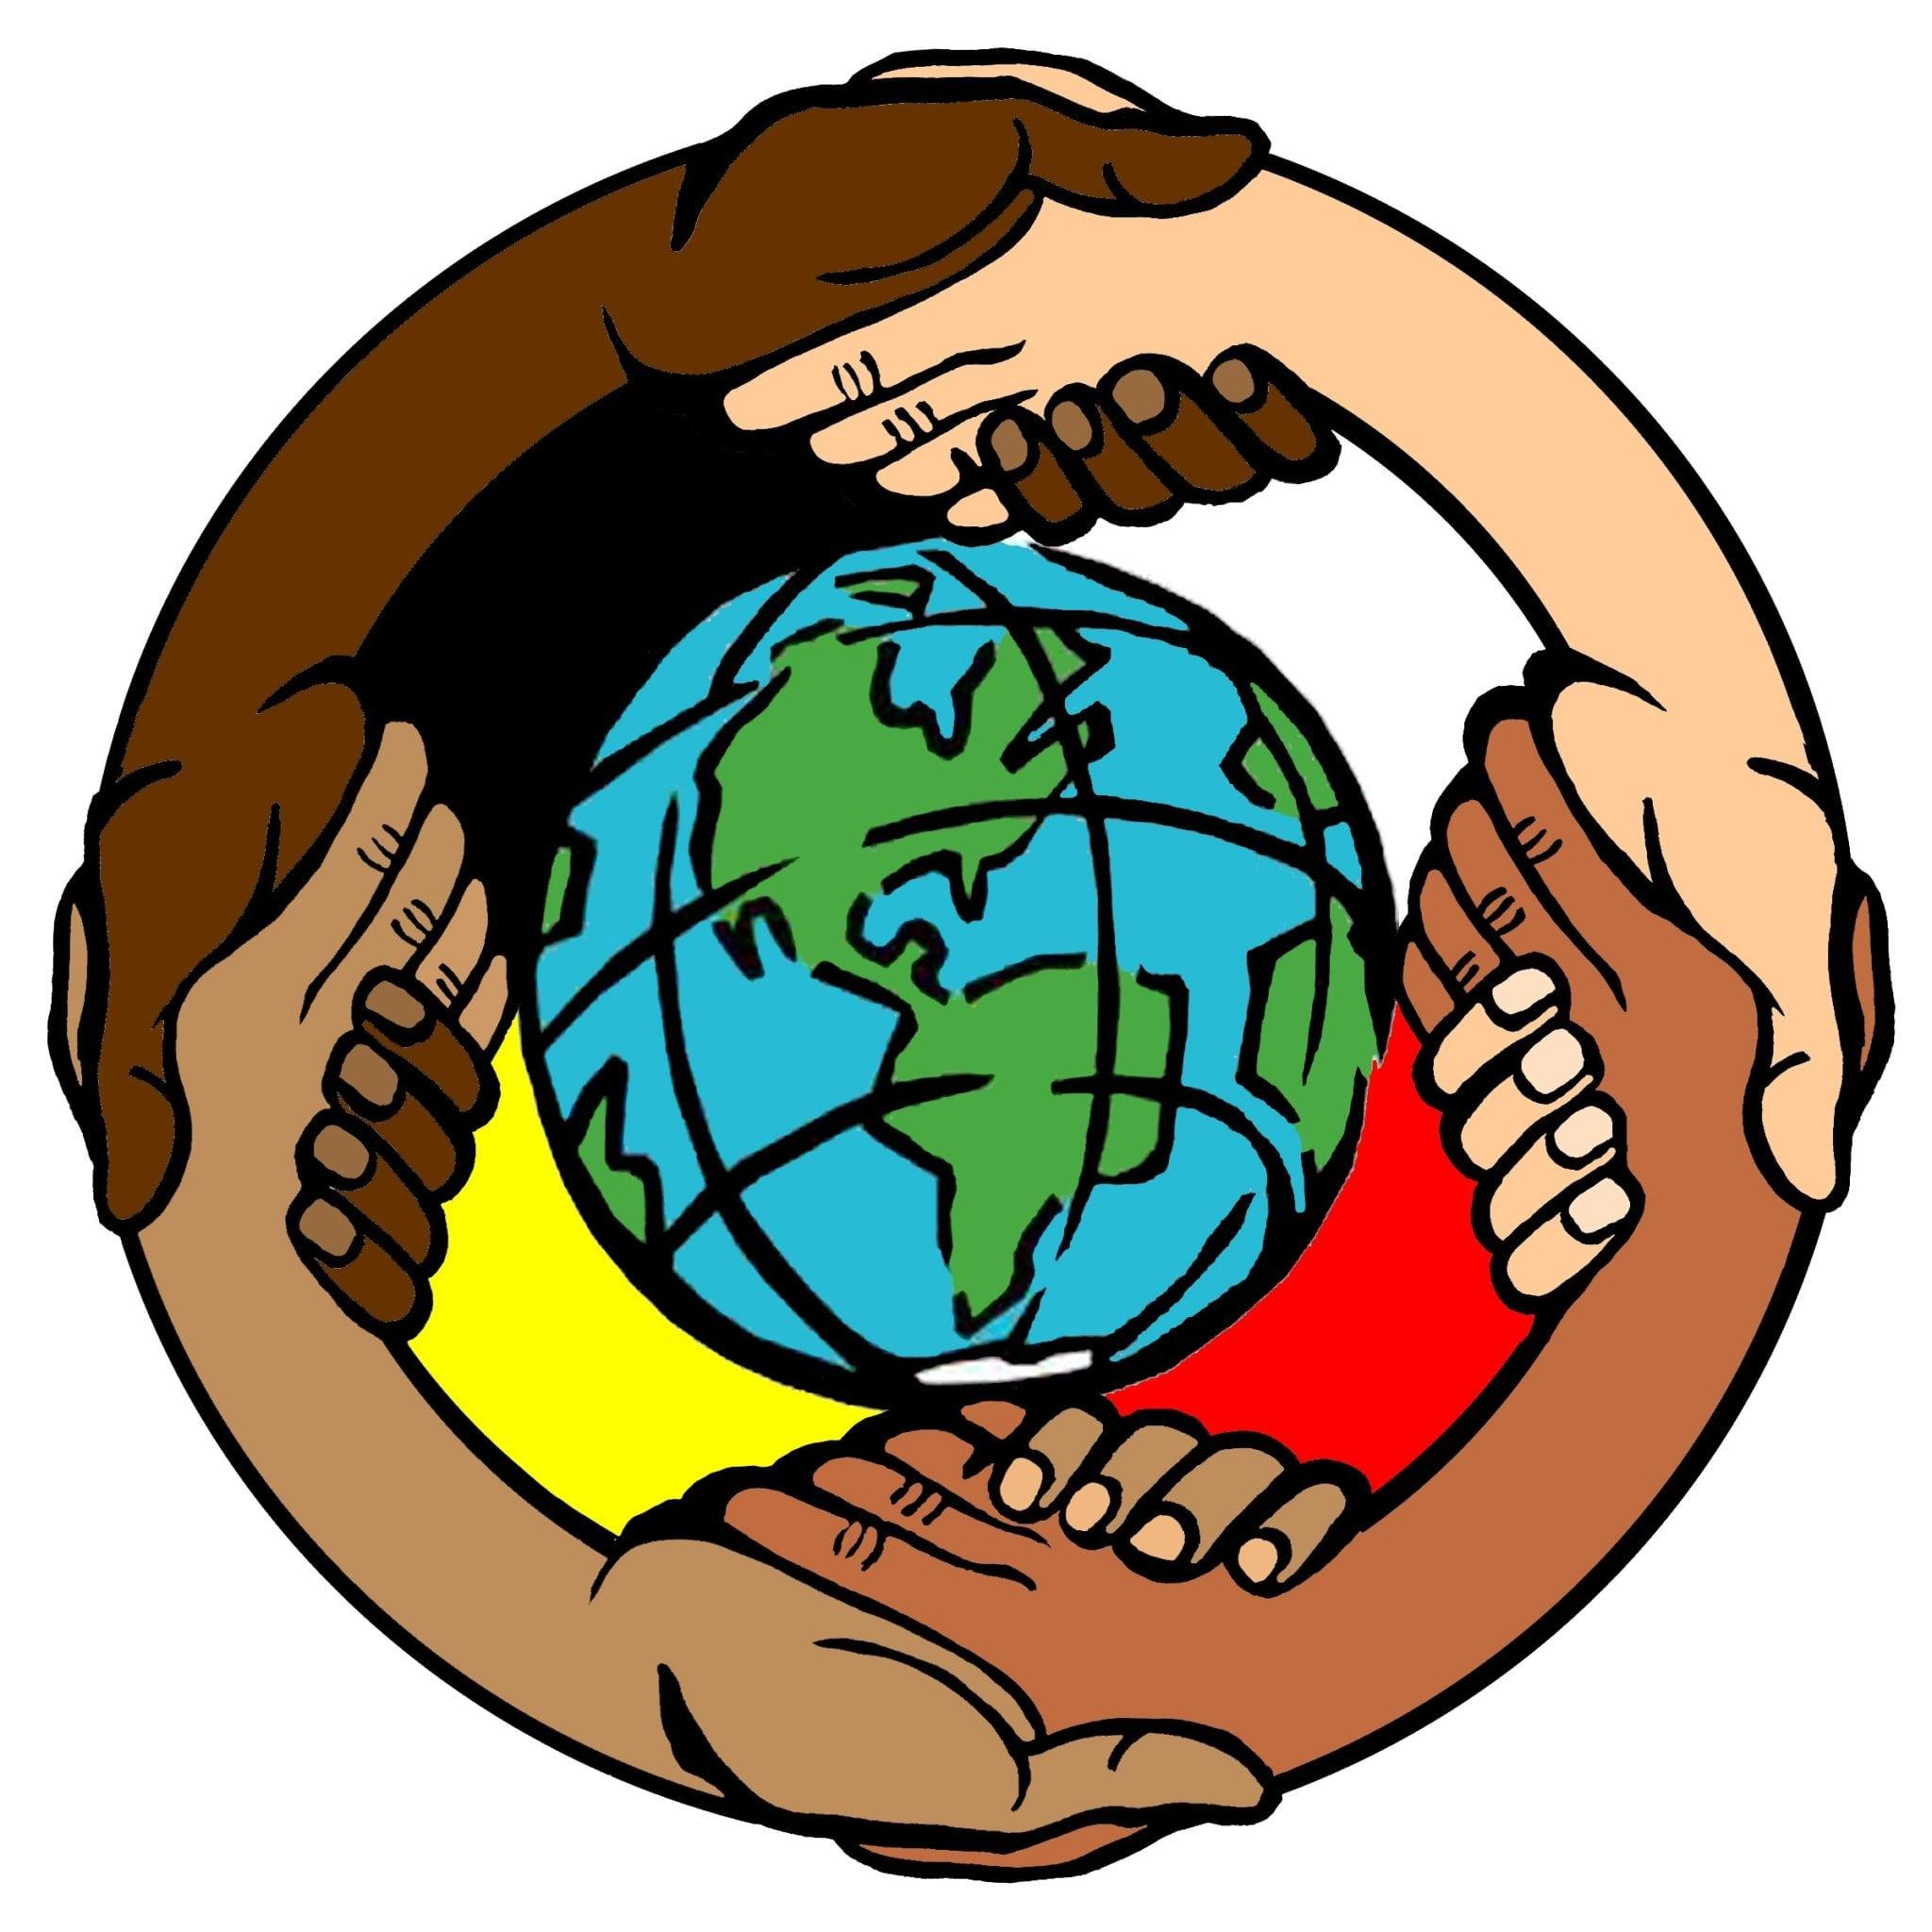 International Center Of Spiritual and Ancestral Wisdom (1)